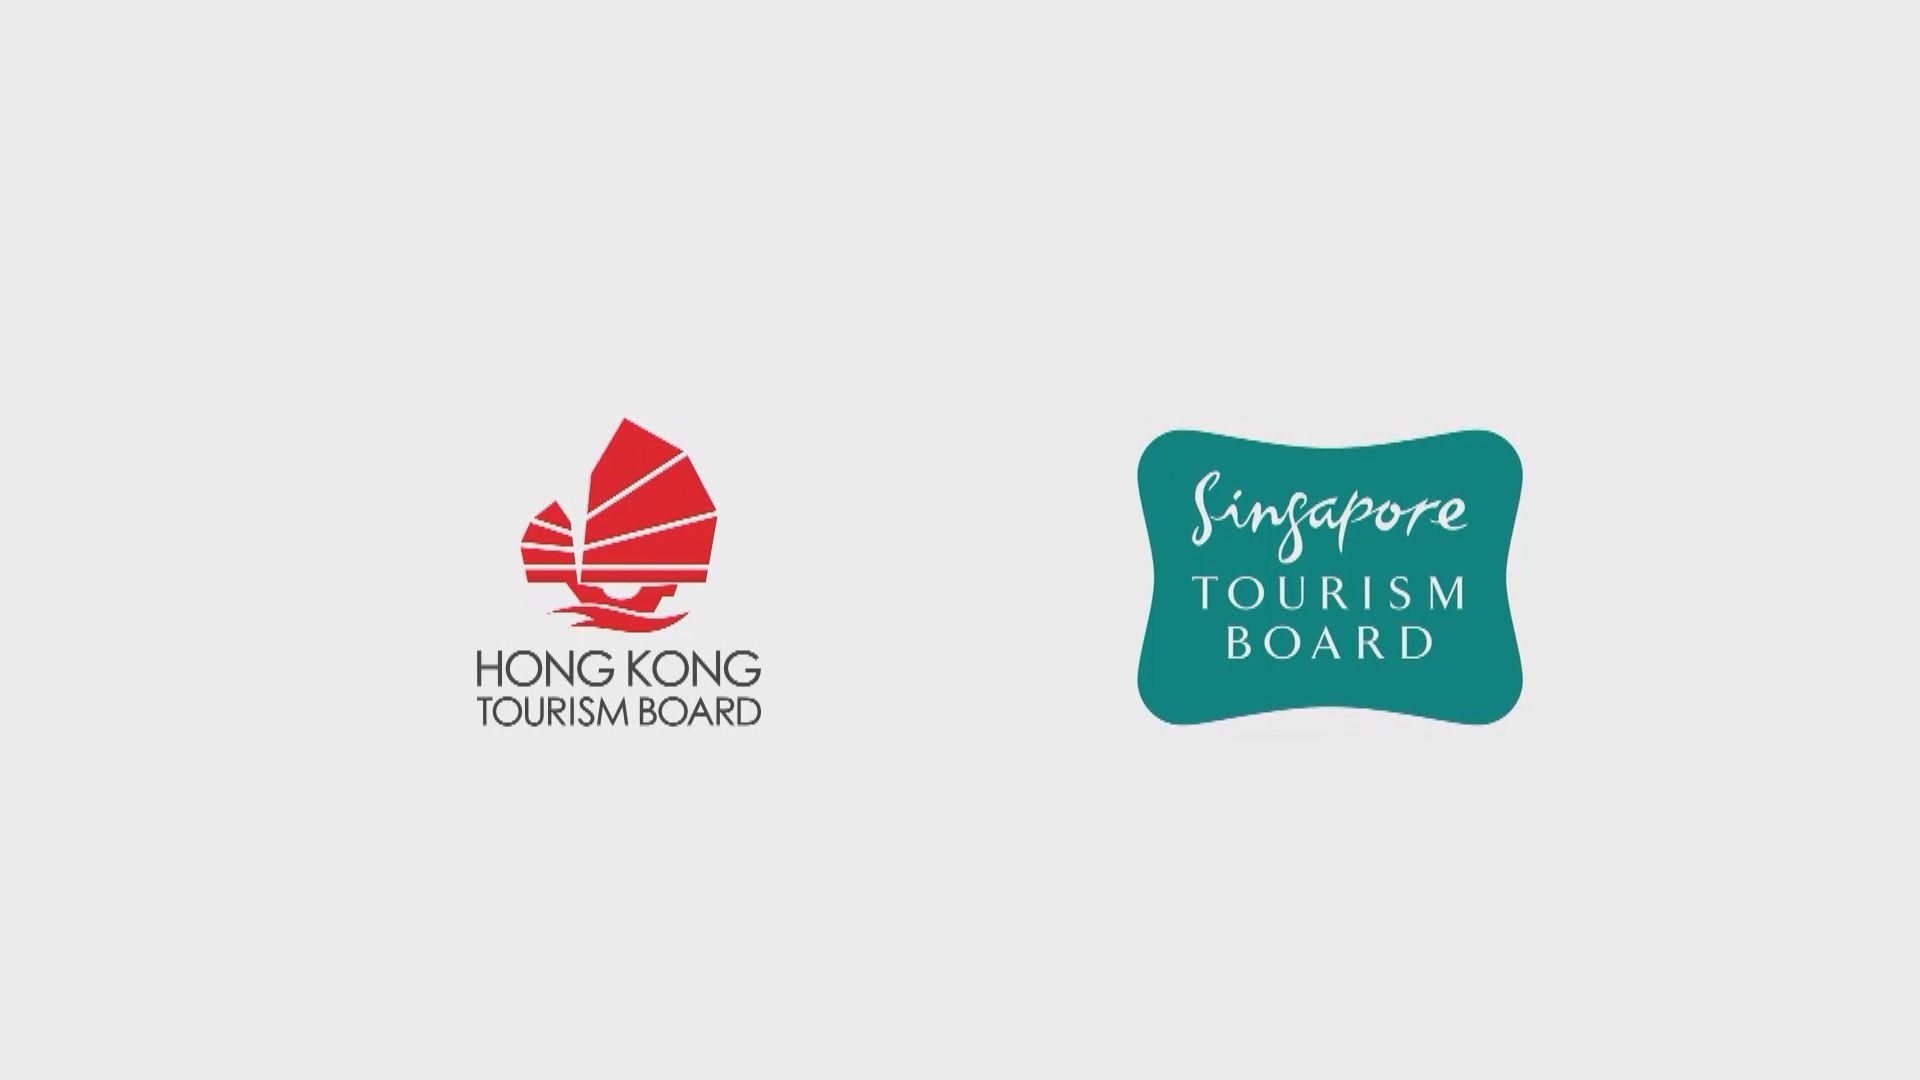 旅發局與新加坡旅遊局 合作宣傳旅遊氣泡計劃